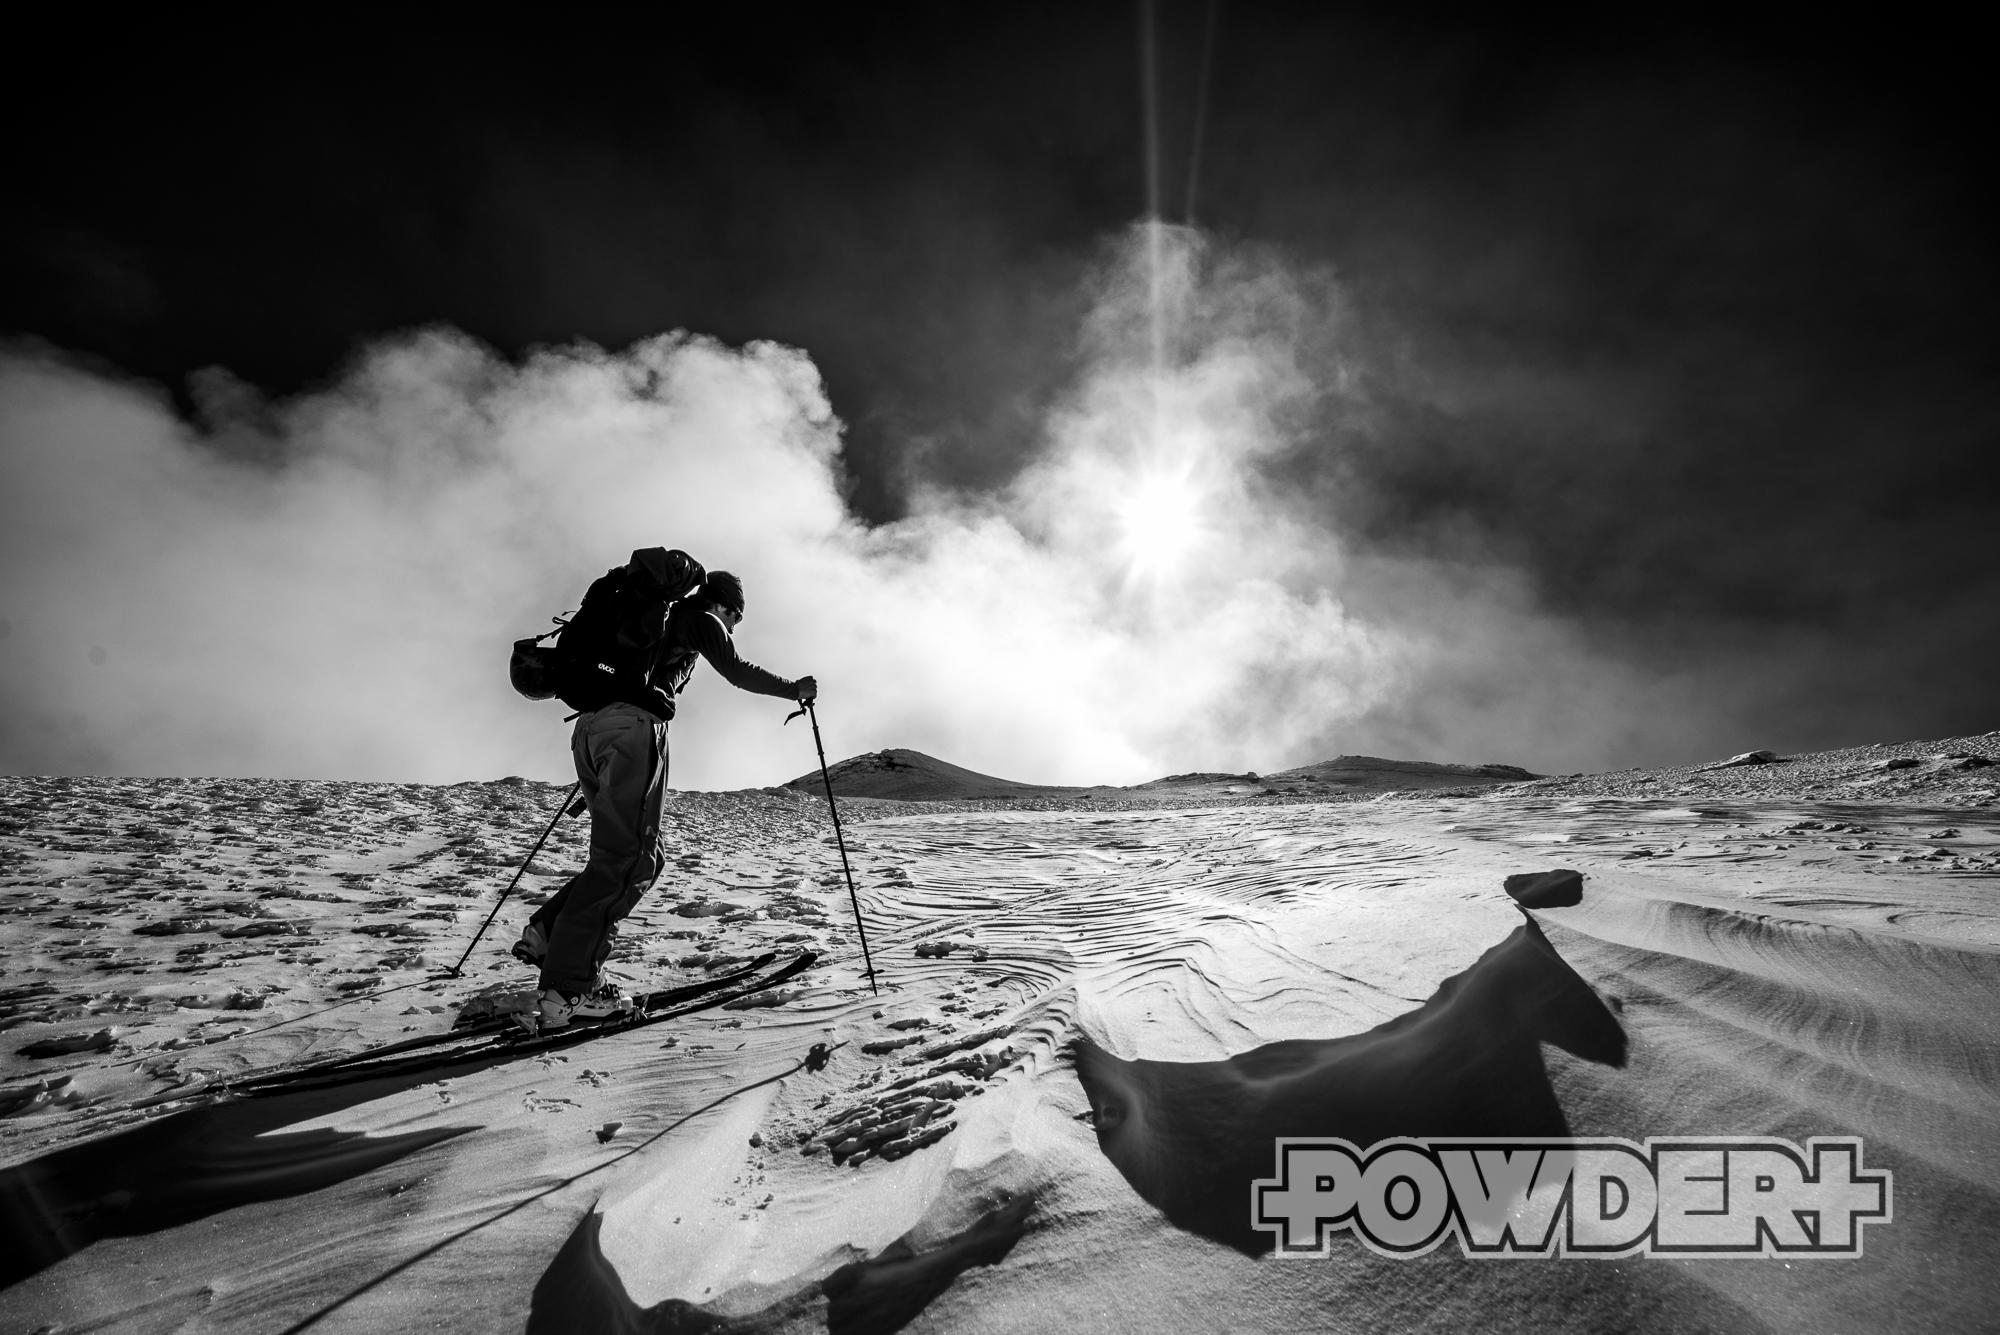 Freeride Skitour �tna, ätna, sizilien, freeride, skitour, skitouring, schwarze materie, skitour ätna,etna, freeride ätna